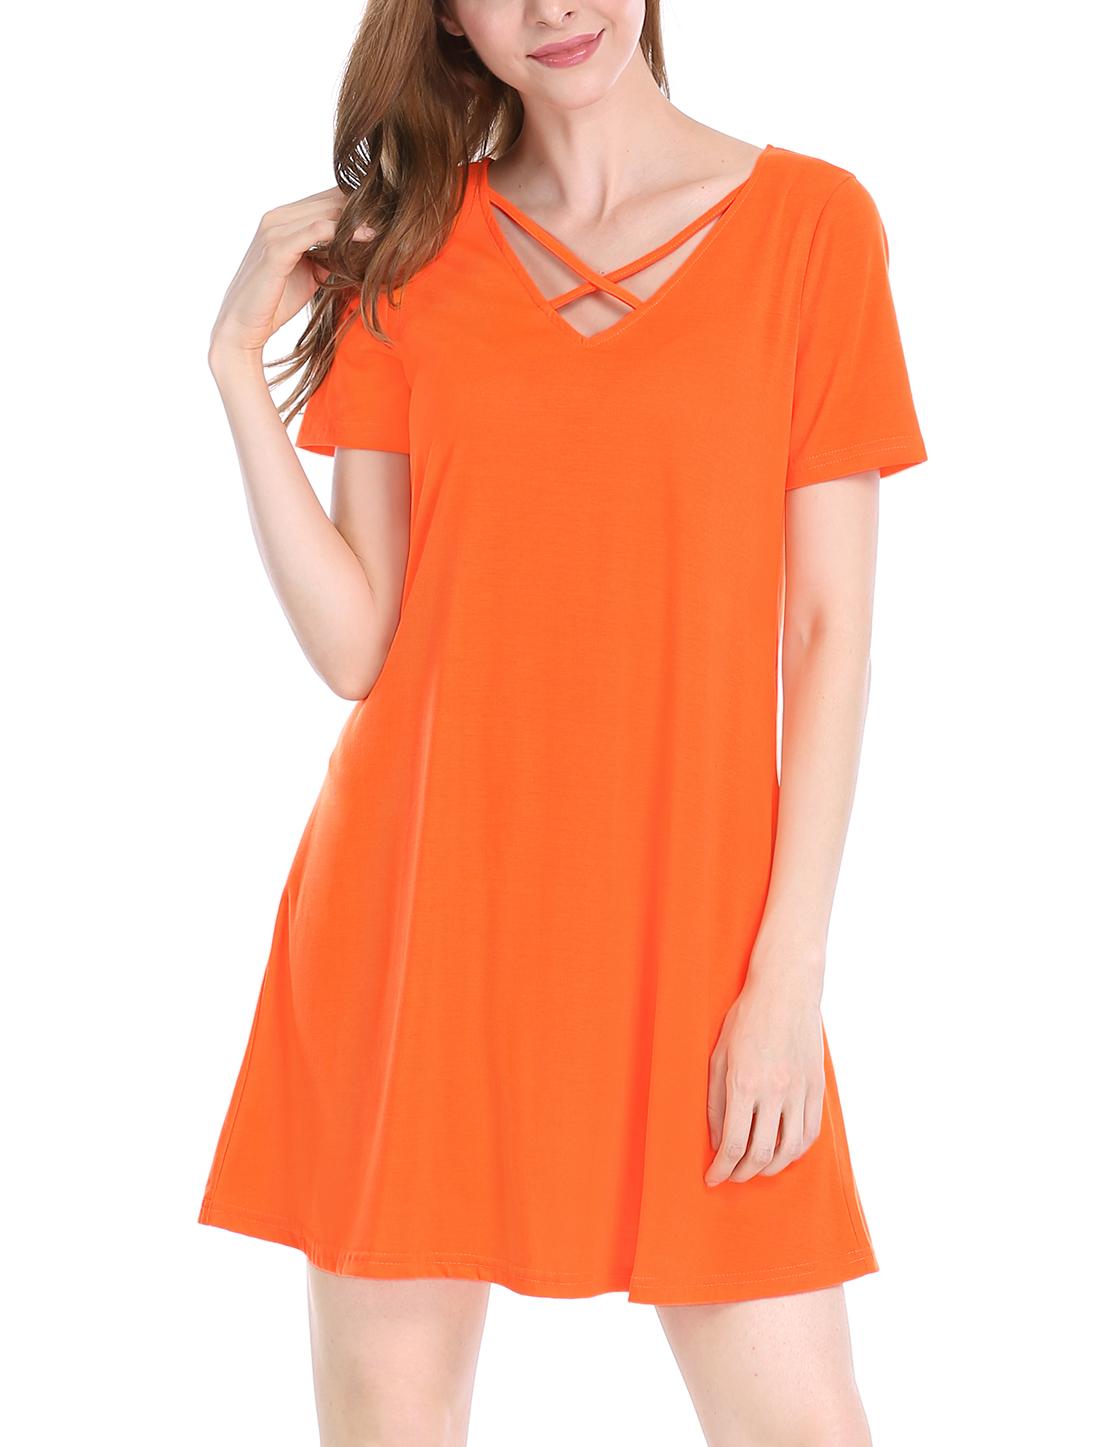 Allegra K Women Cross Strap V Neck Short Sleeves Above Knee Dress Orange M